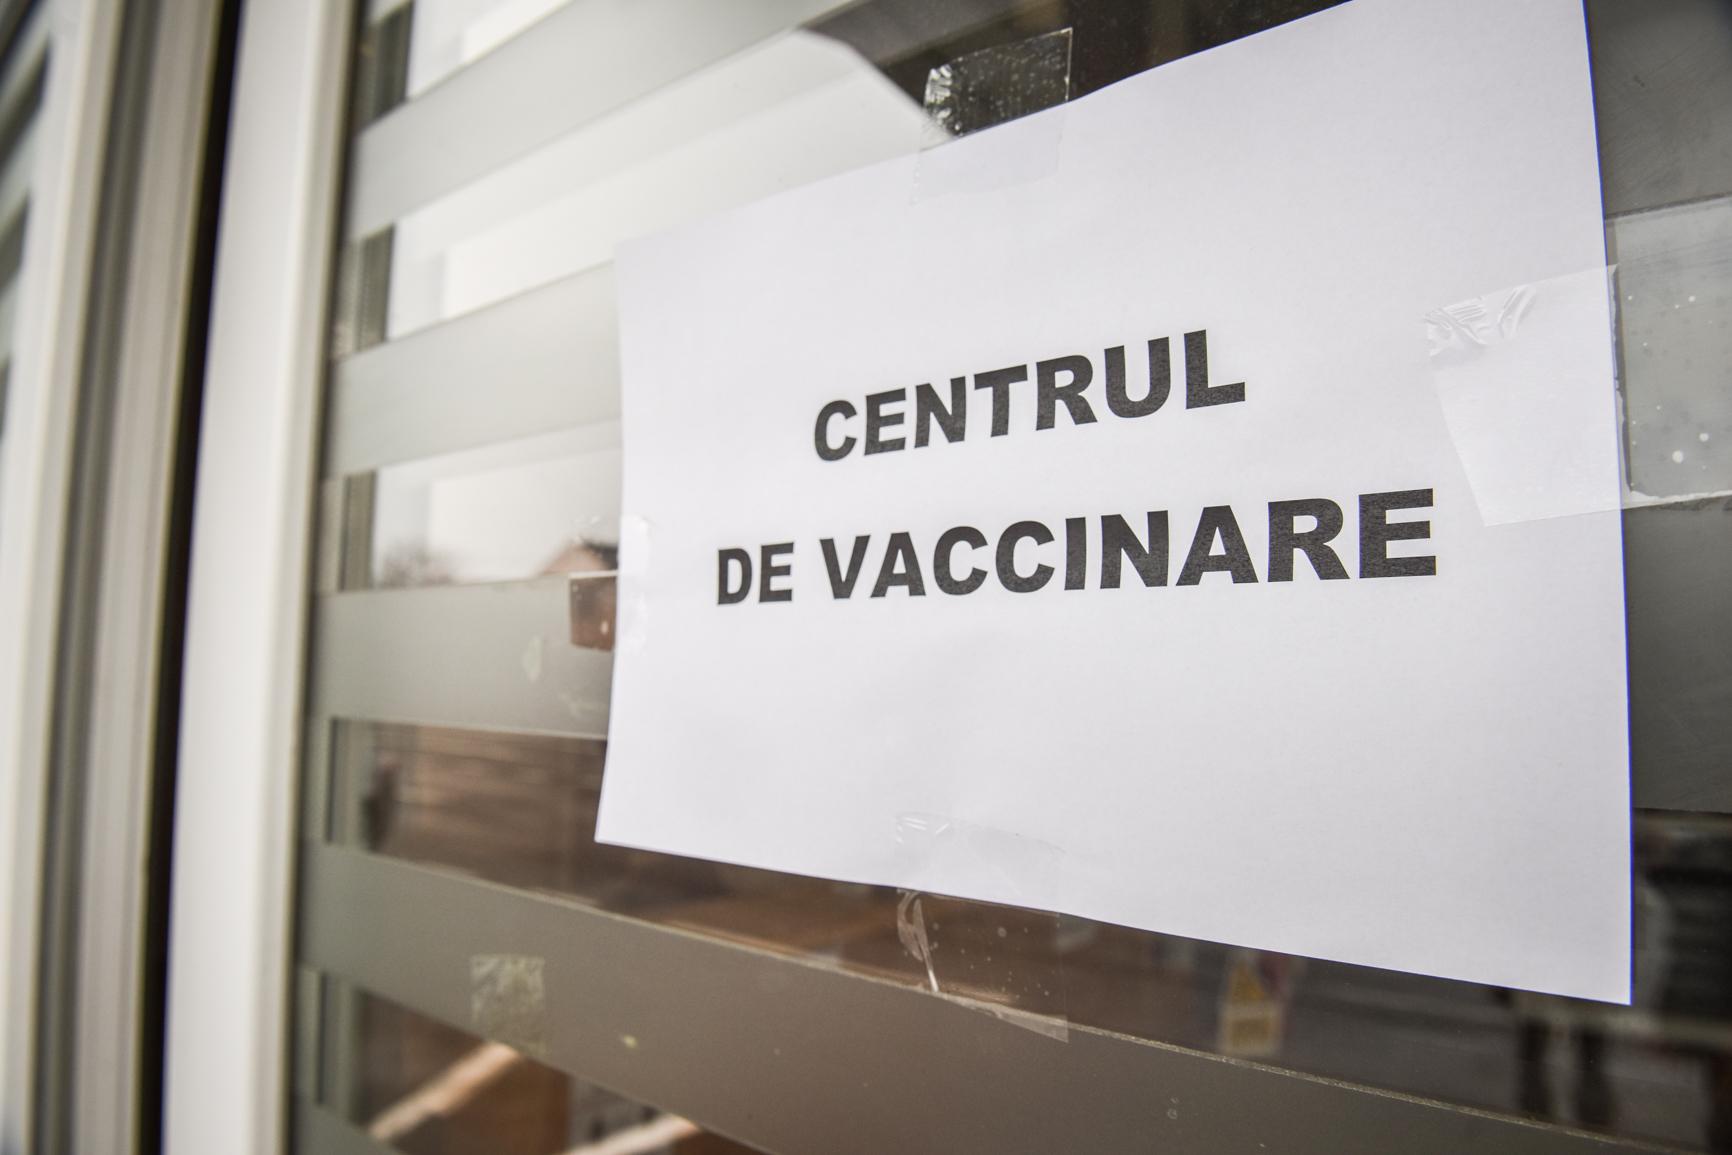 12.238 de cazuri de reacţii adverse după vaccinarea anti-COVID, raportate până în 12 aprilie